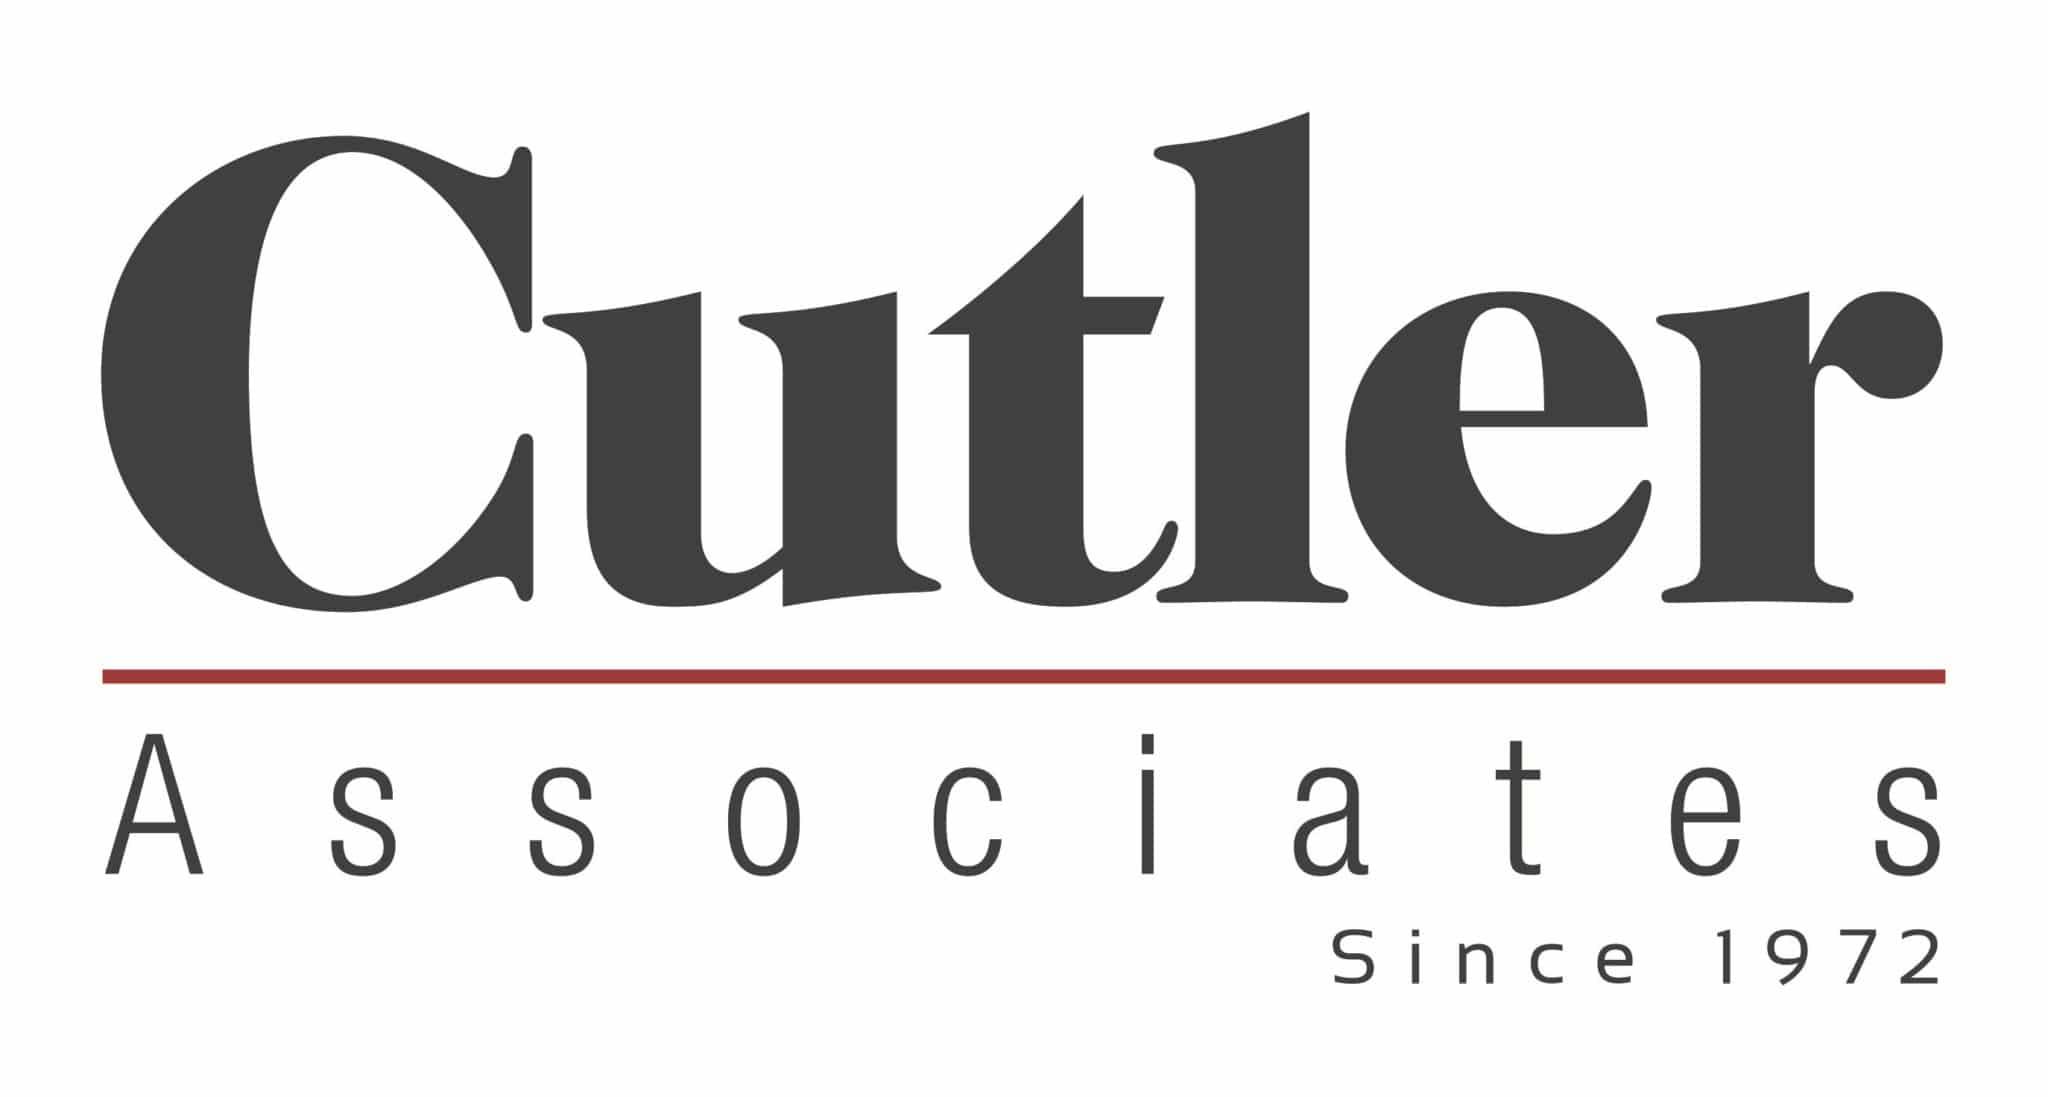 Cutler Associates Logo